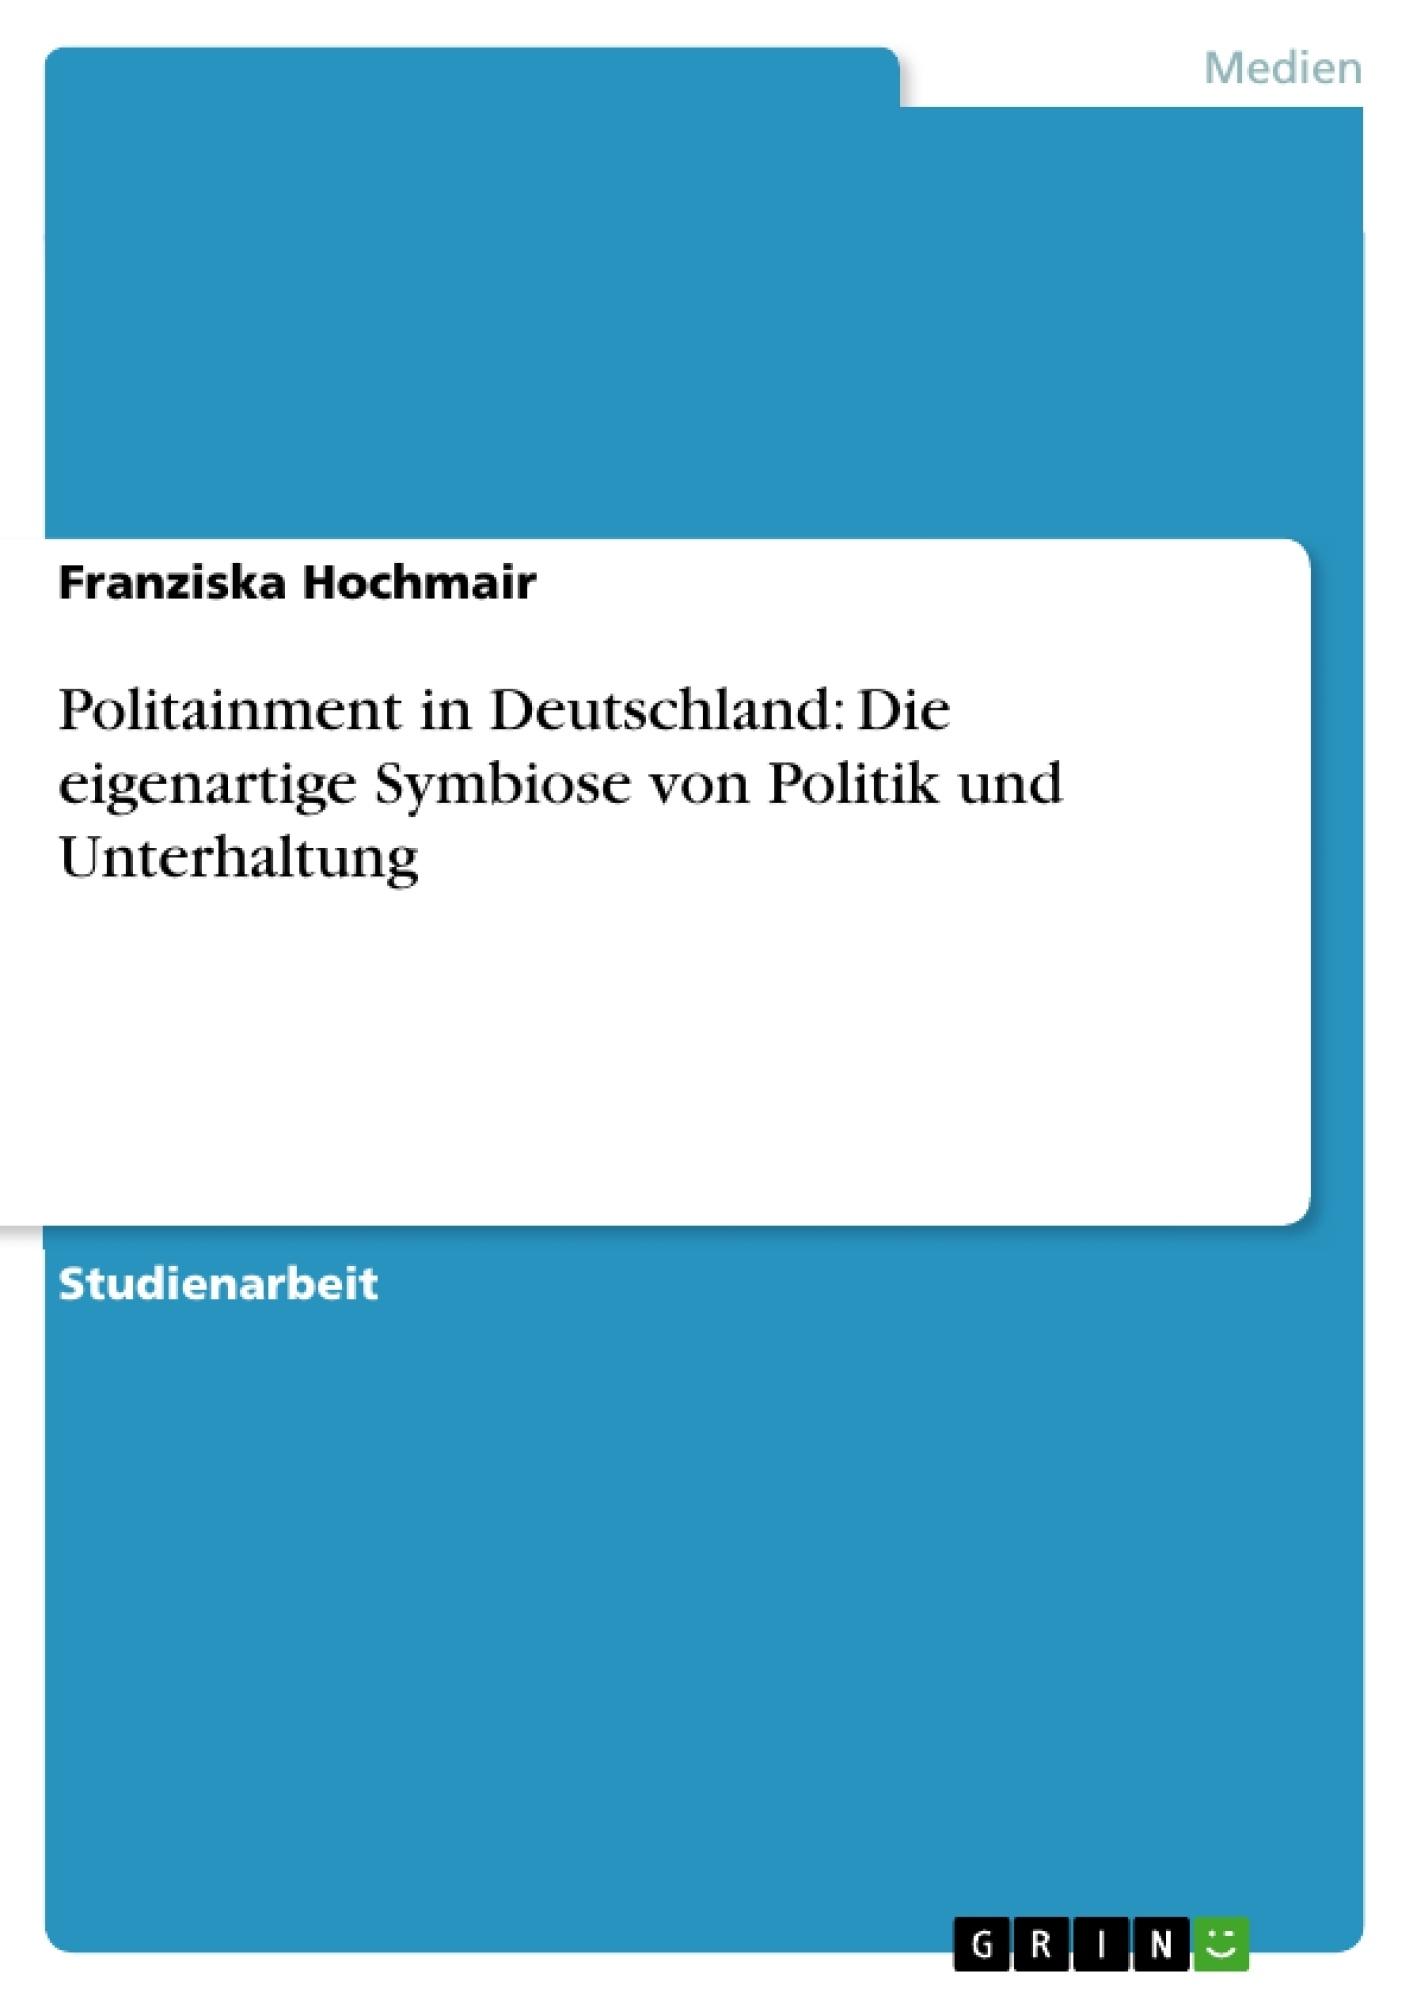 Titel: Politainment in Deutschland: Die eigenartige Symbiose von Politik und Unterhaltung